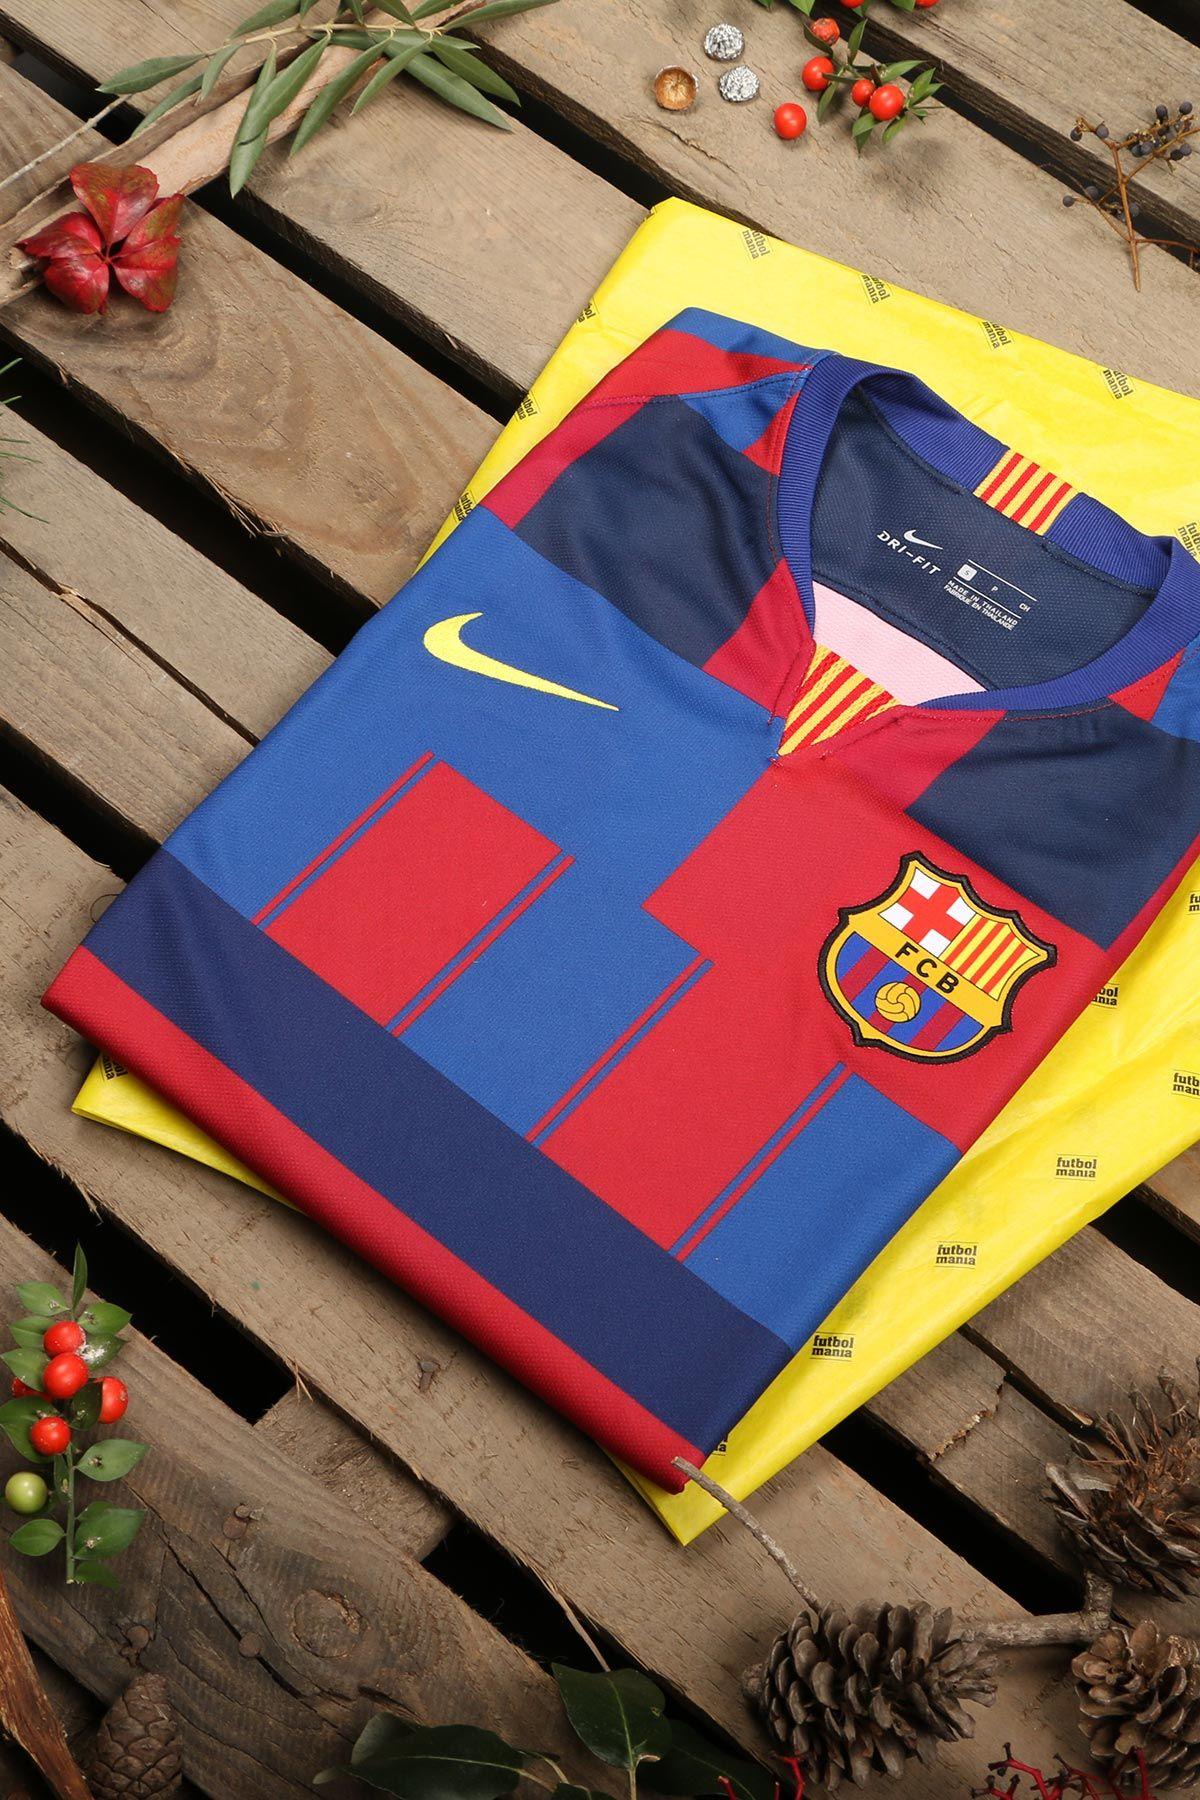 186da0a756b58 Camiseta Nike x Barcelona 20 aniversario. Celebra una de las colaboraciones  más potentes de la historia. Disponible para hombre